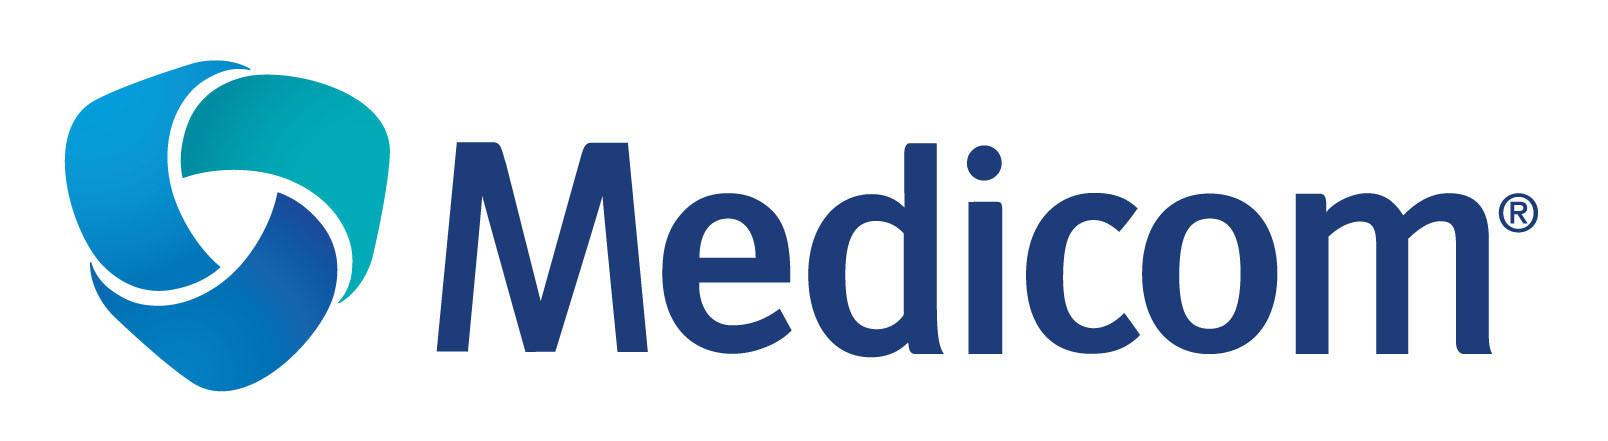 MEdicom_1.jpg